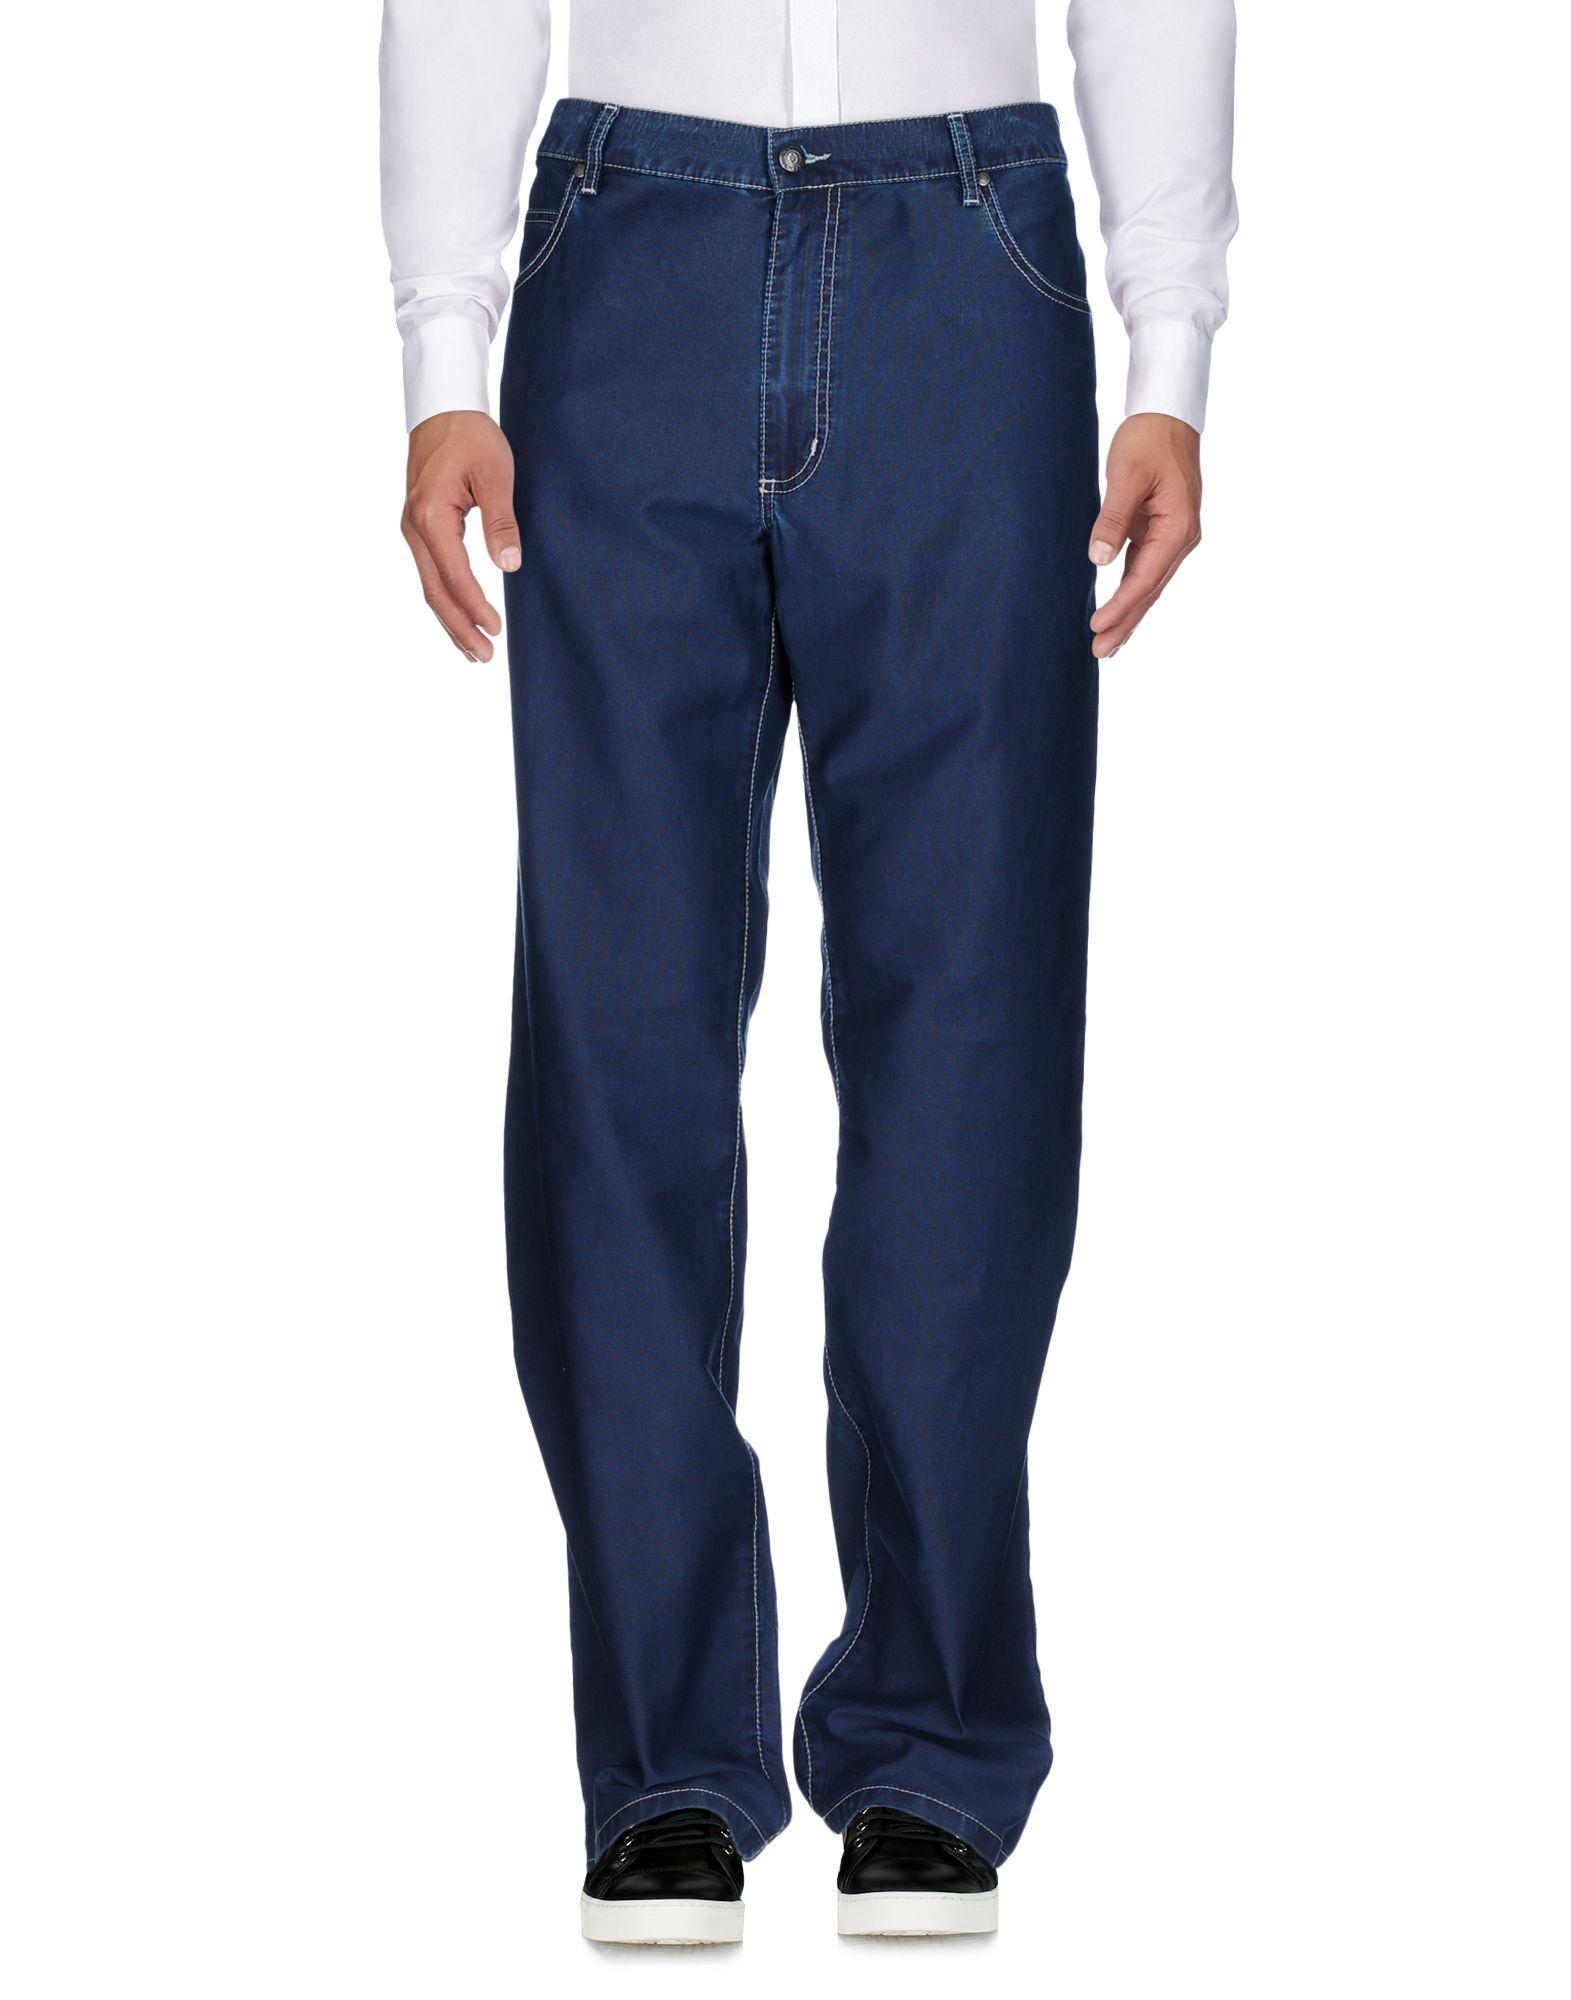 《送料無料》MARINA YACHTING メンズ パンツ ブルー 40 100% コットン